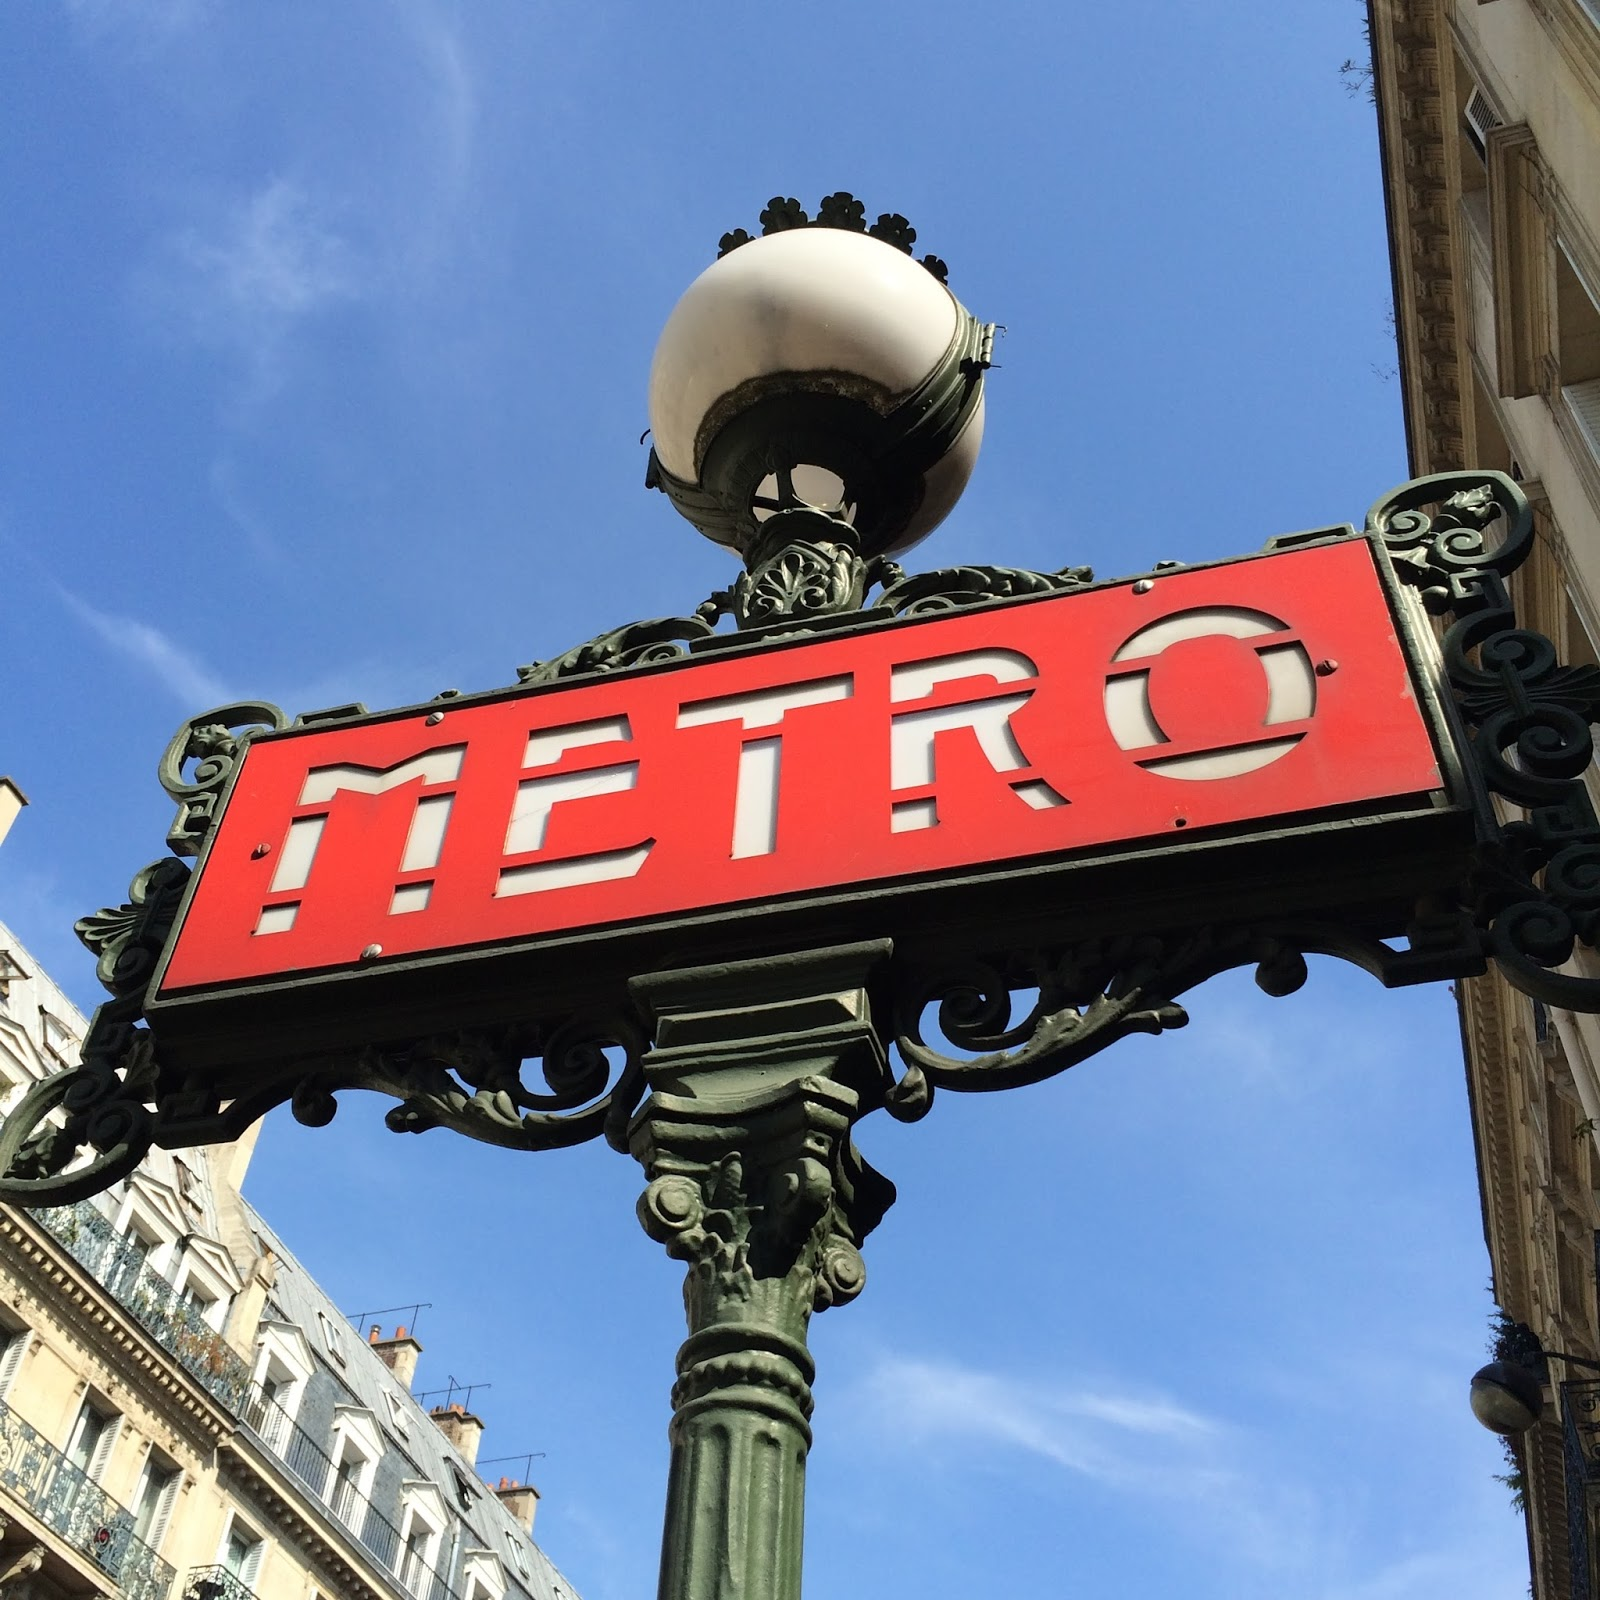 smukt metroskilt